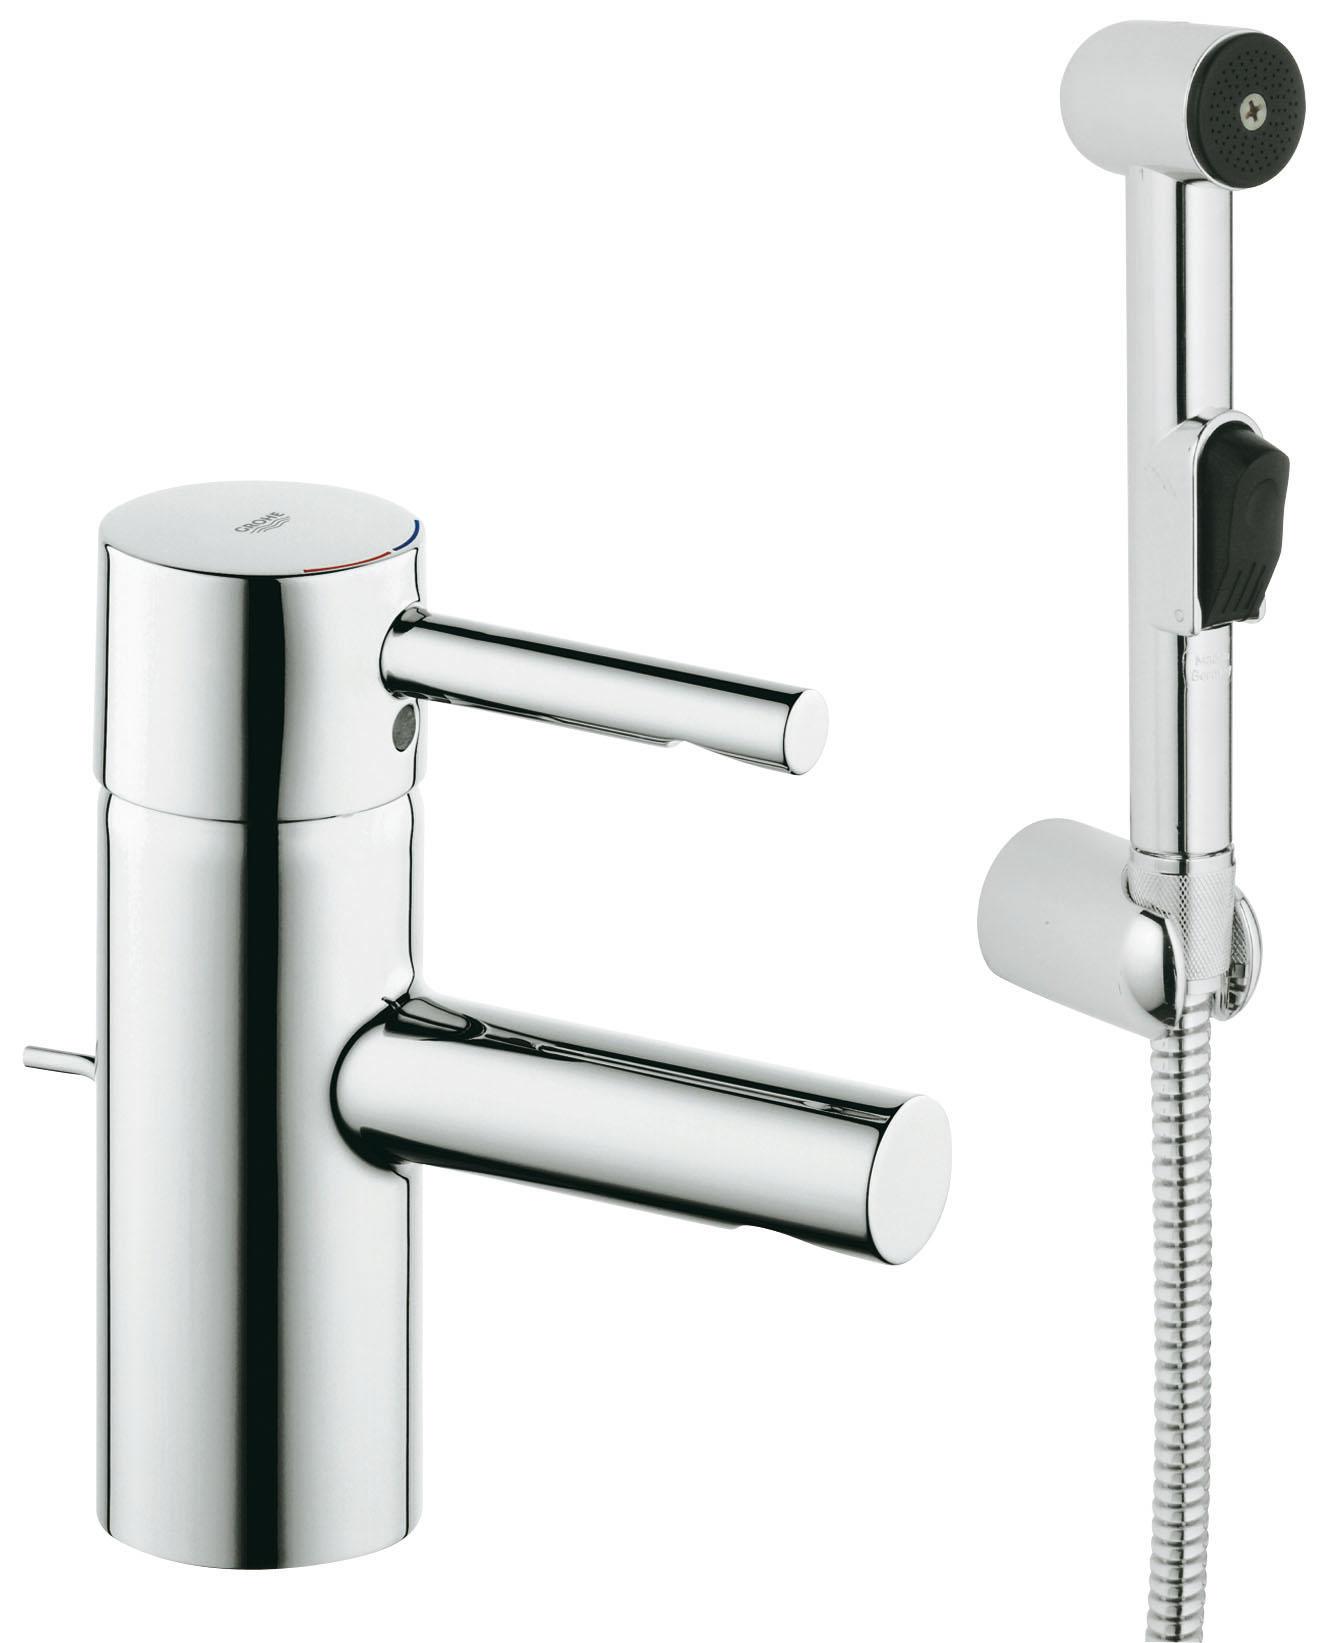 Смеситель с гигиеническим душем GroheСмесители<br>Назначение смесителя: для раковины,<br>Выдвижной душ: есть,<br>Тип управления смесителя: однорычажный,<br>Цвет покрытия: хром,<br>Стиль смесителя: модерн,<br>Монтаж смесителя: горизонтальный,<br>Тип установки смесителя: на мойку (раковину),<br>Материал смесителя: латунь,<br>Излив: традиционный,<br>Аэратор: есть,<br>Родина бренда: Германия,<br>Страна происхождения: Германия,<br>Гарантия: 60<br>